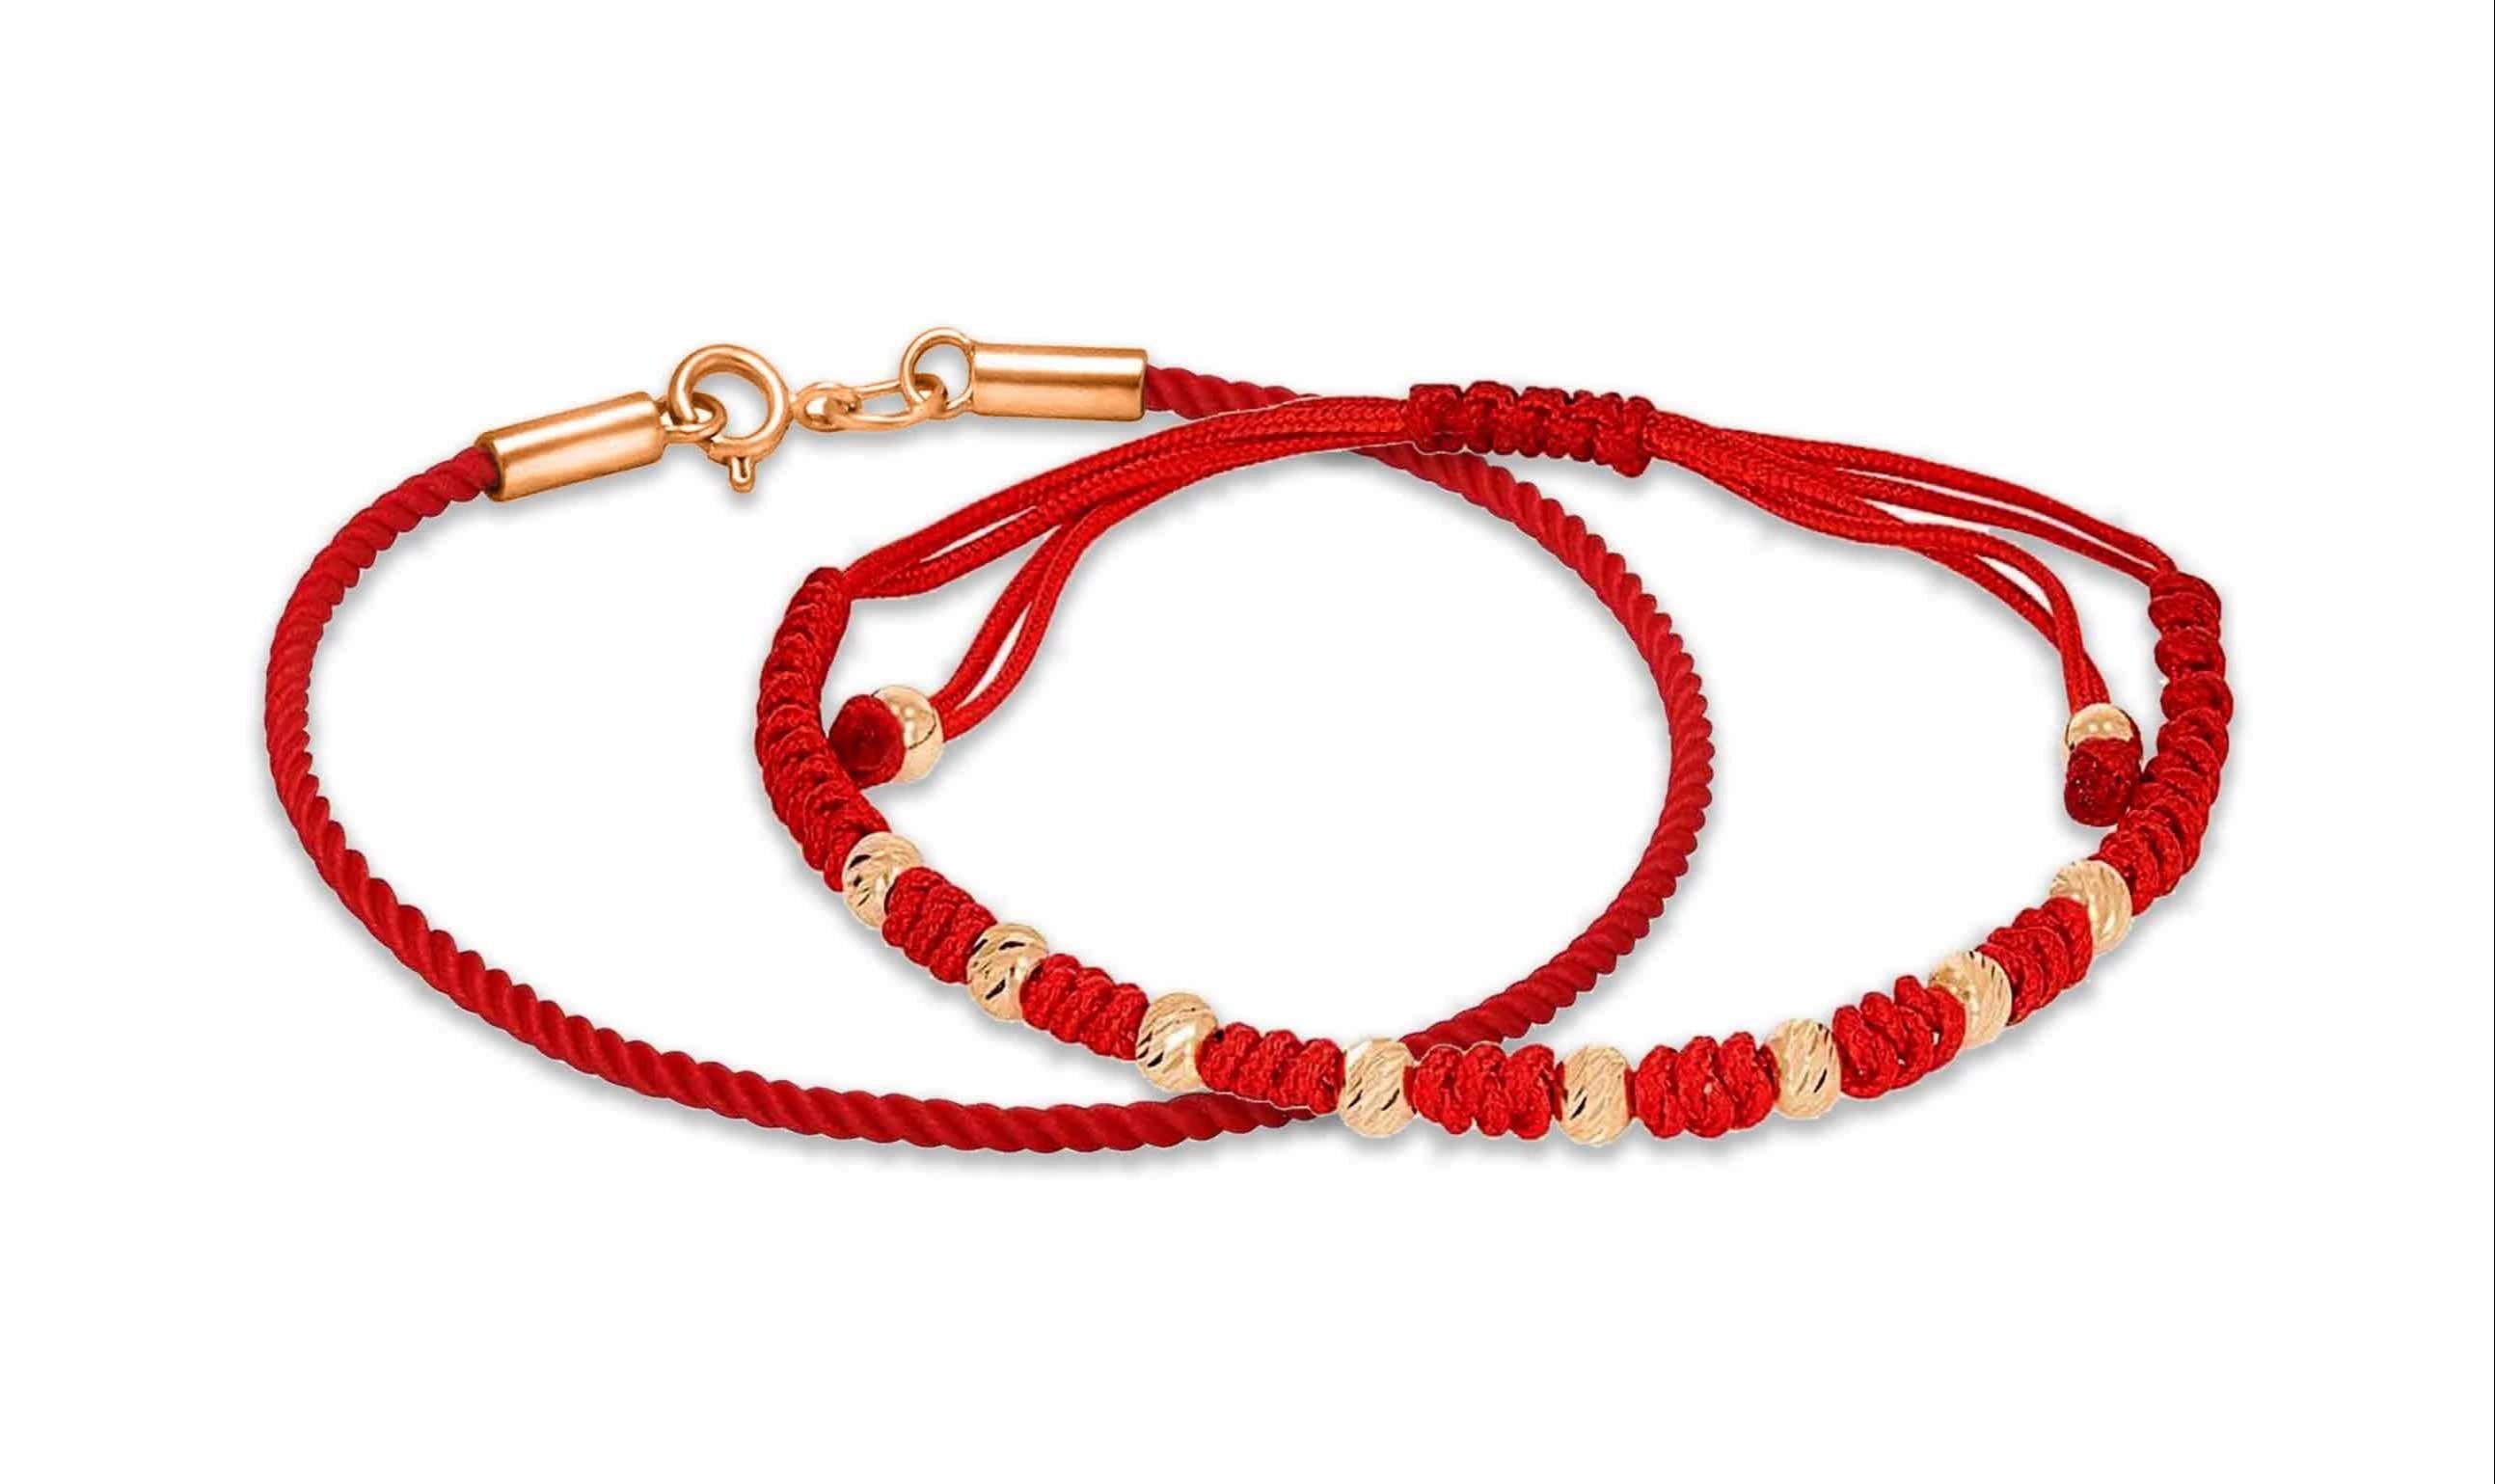 Червона нитка з золотими вставками і золотий застібкою, на руку.